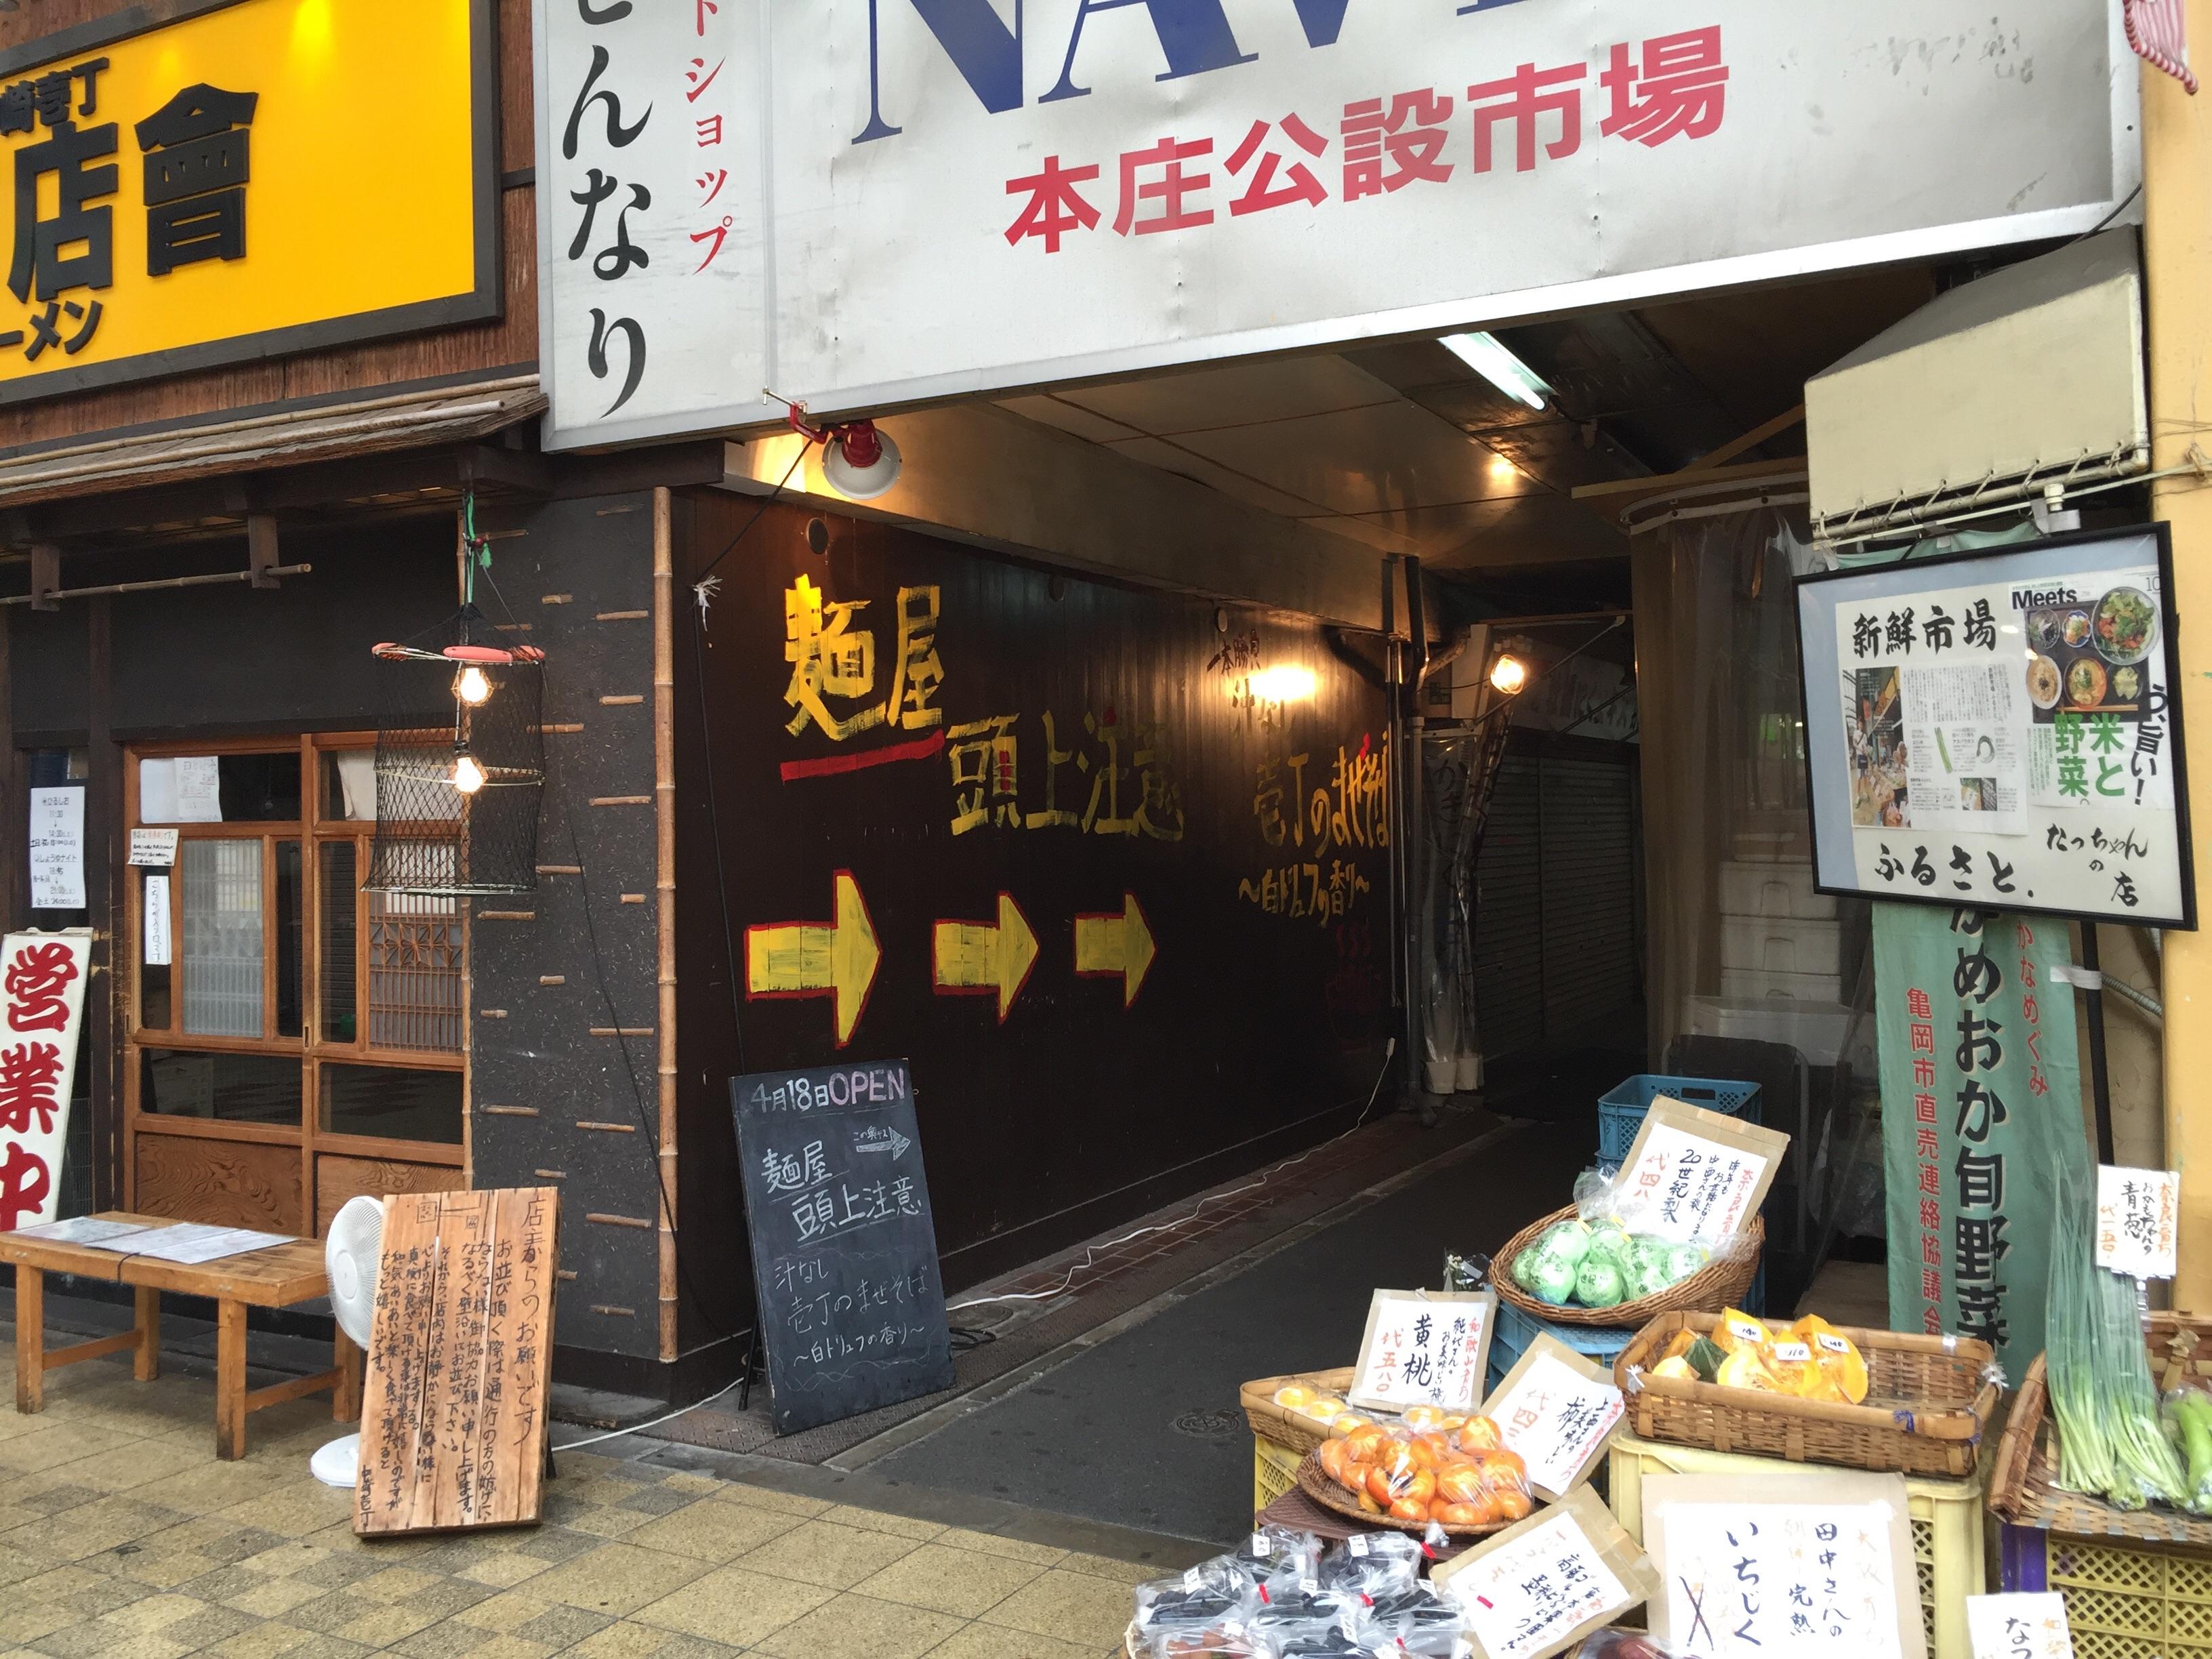 中崎商店街からの入り口